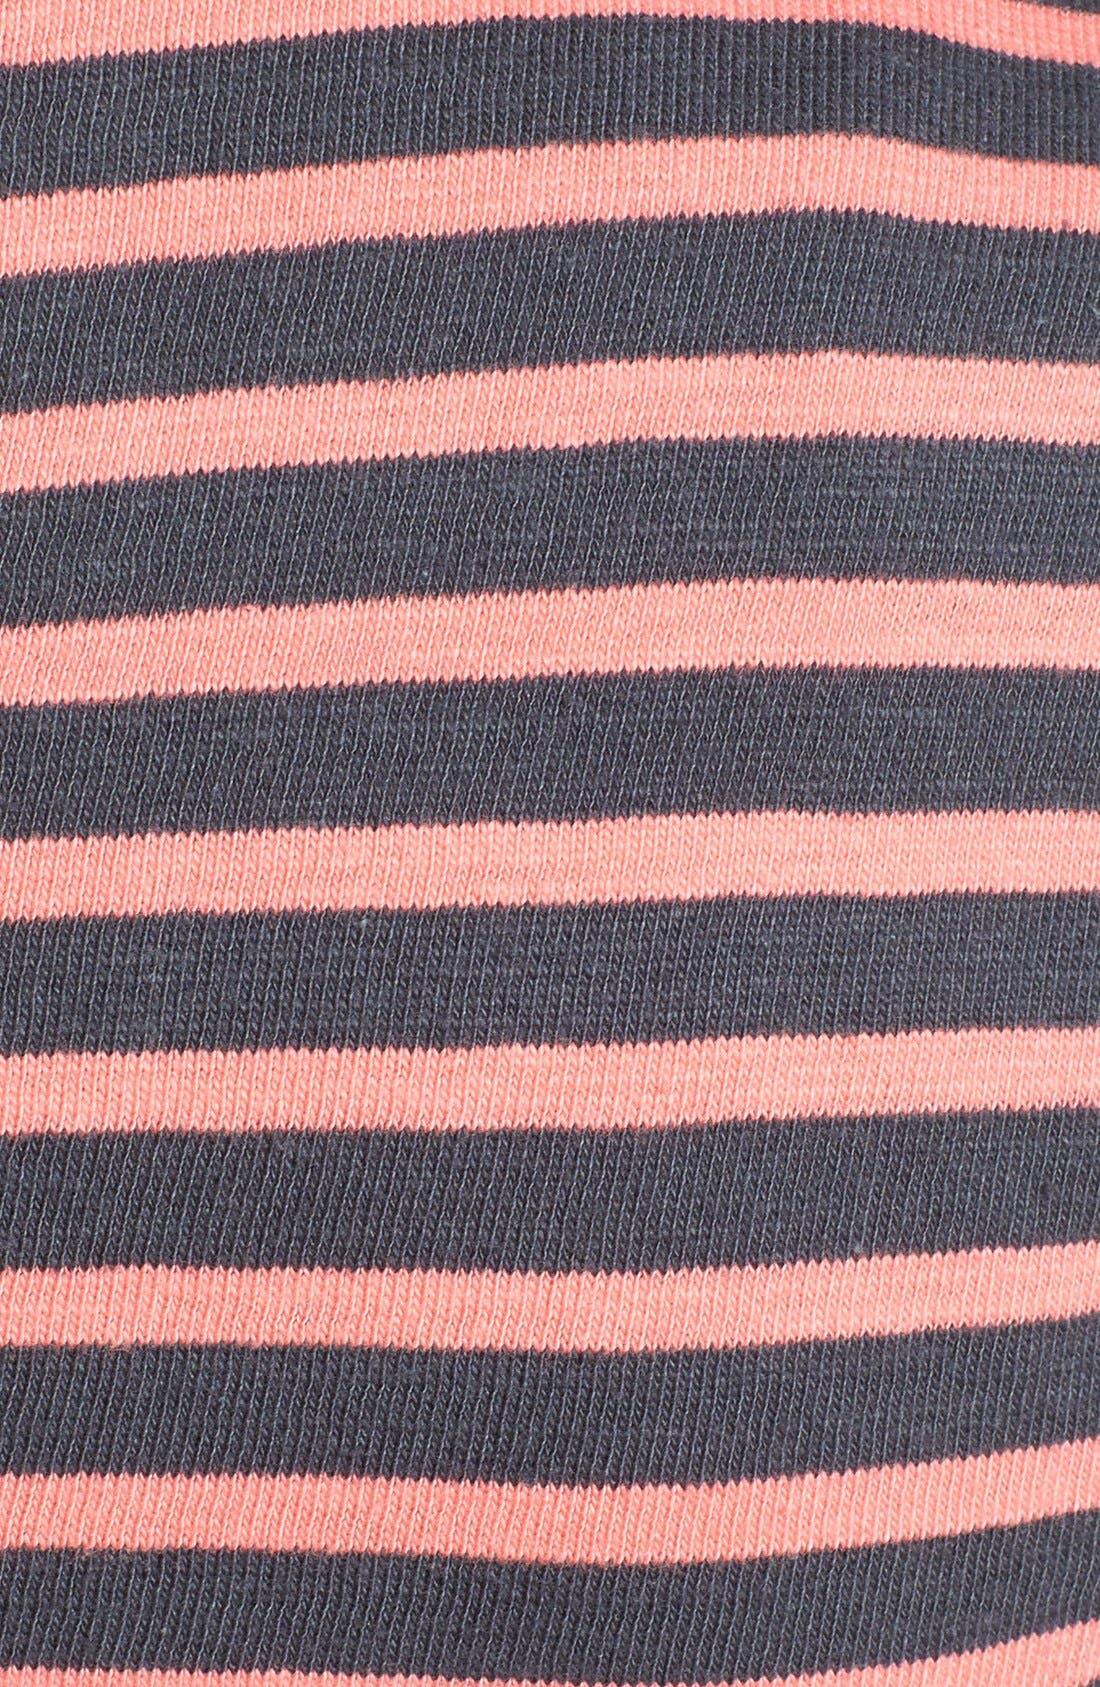 Cotton Knit Jacket,                             Alternate thumbnail 24, color,